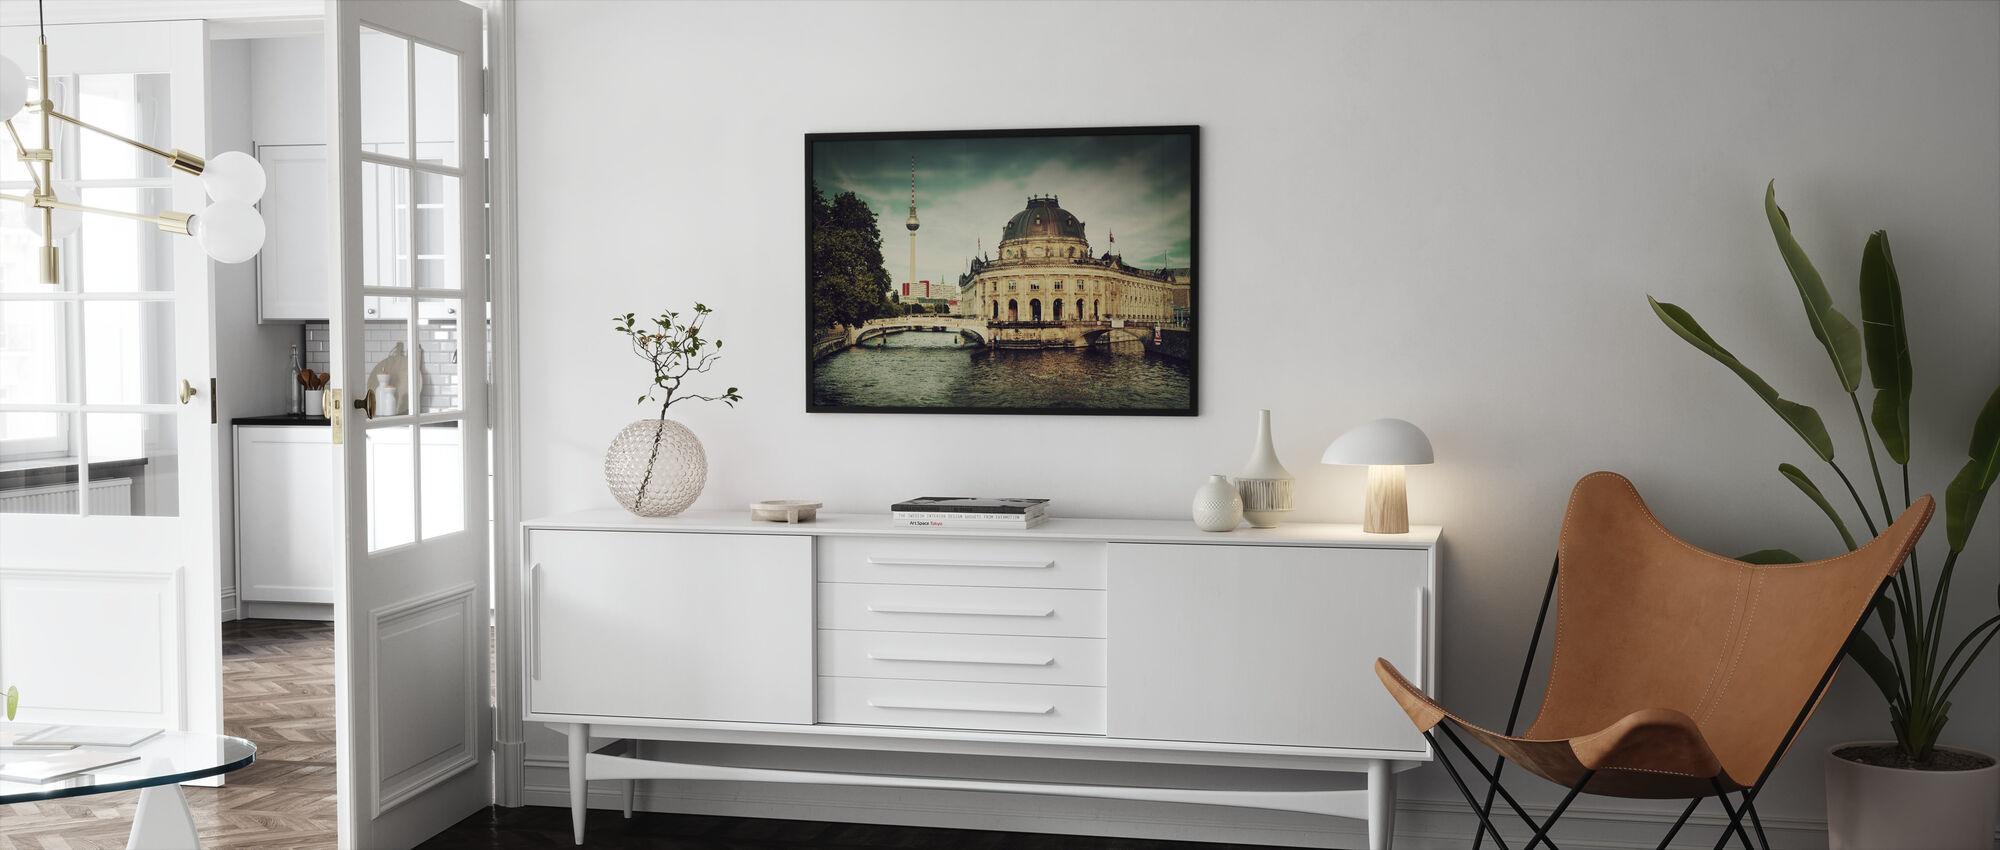 The Bode Museum in Berlin - Framed print - Living Room